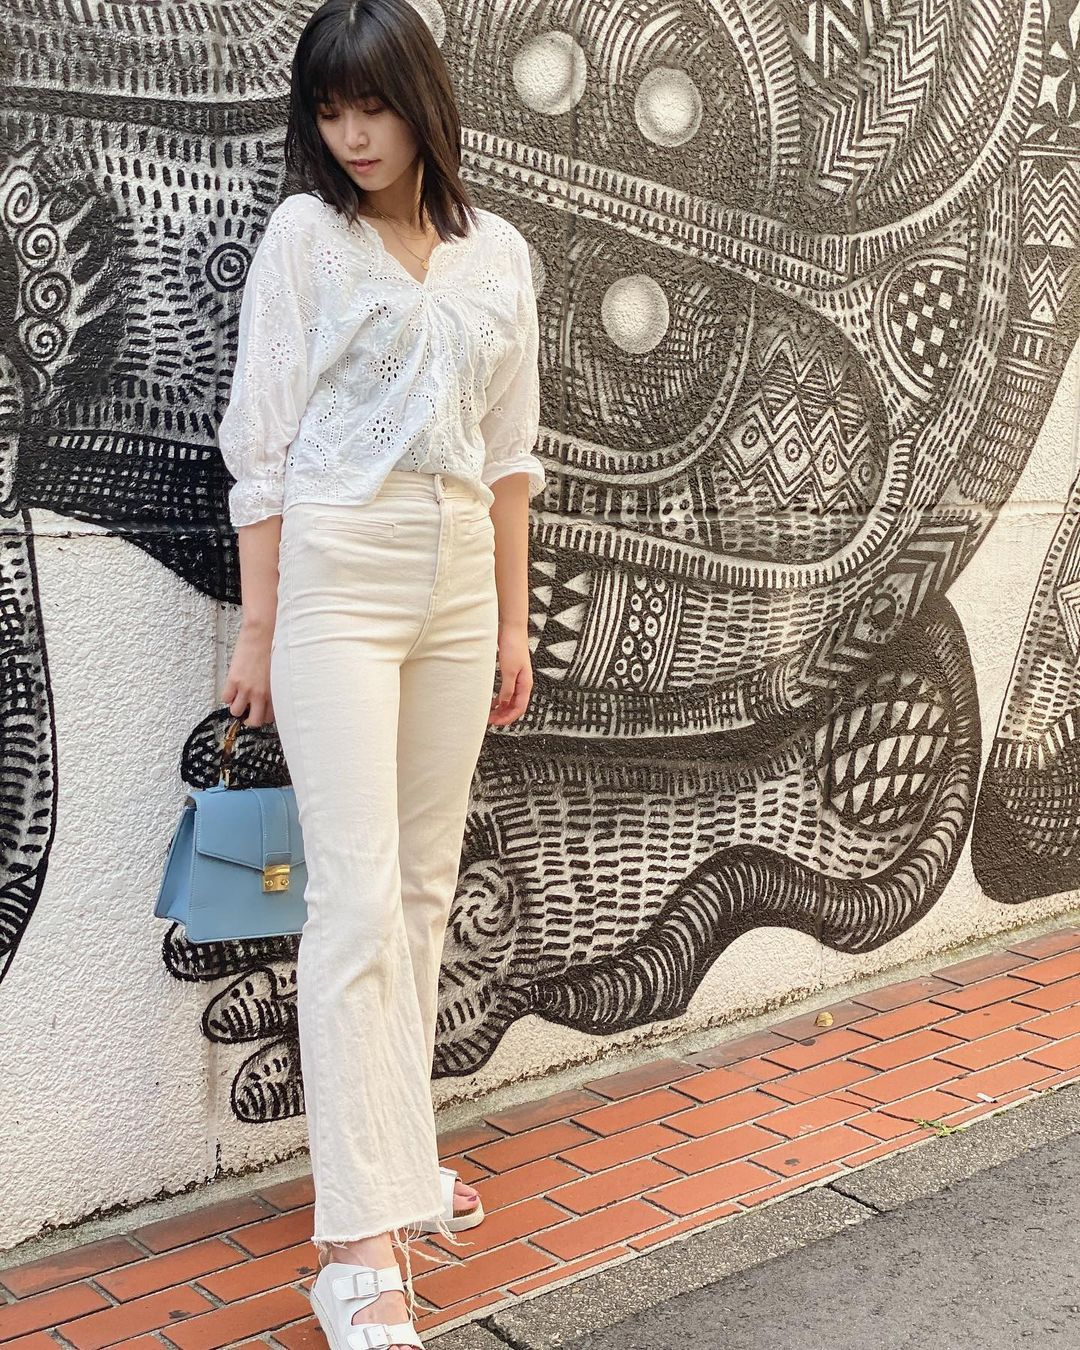 日本正妹「北向珠夕」,会打球又会演戏的完美女生-新图包